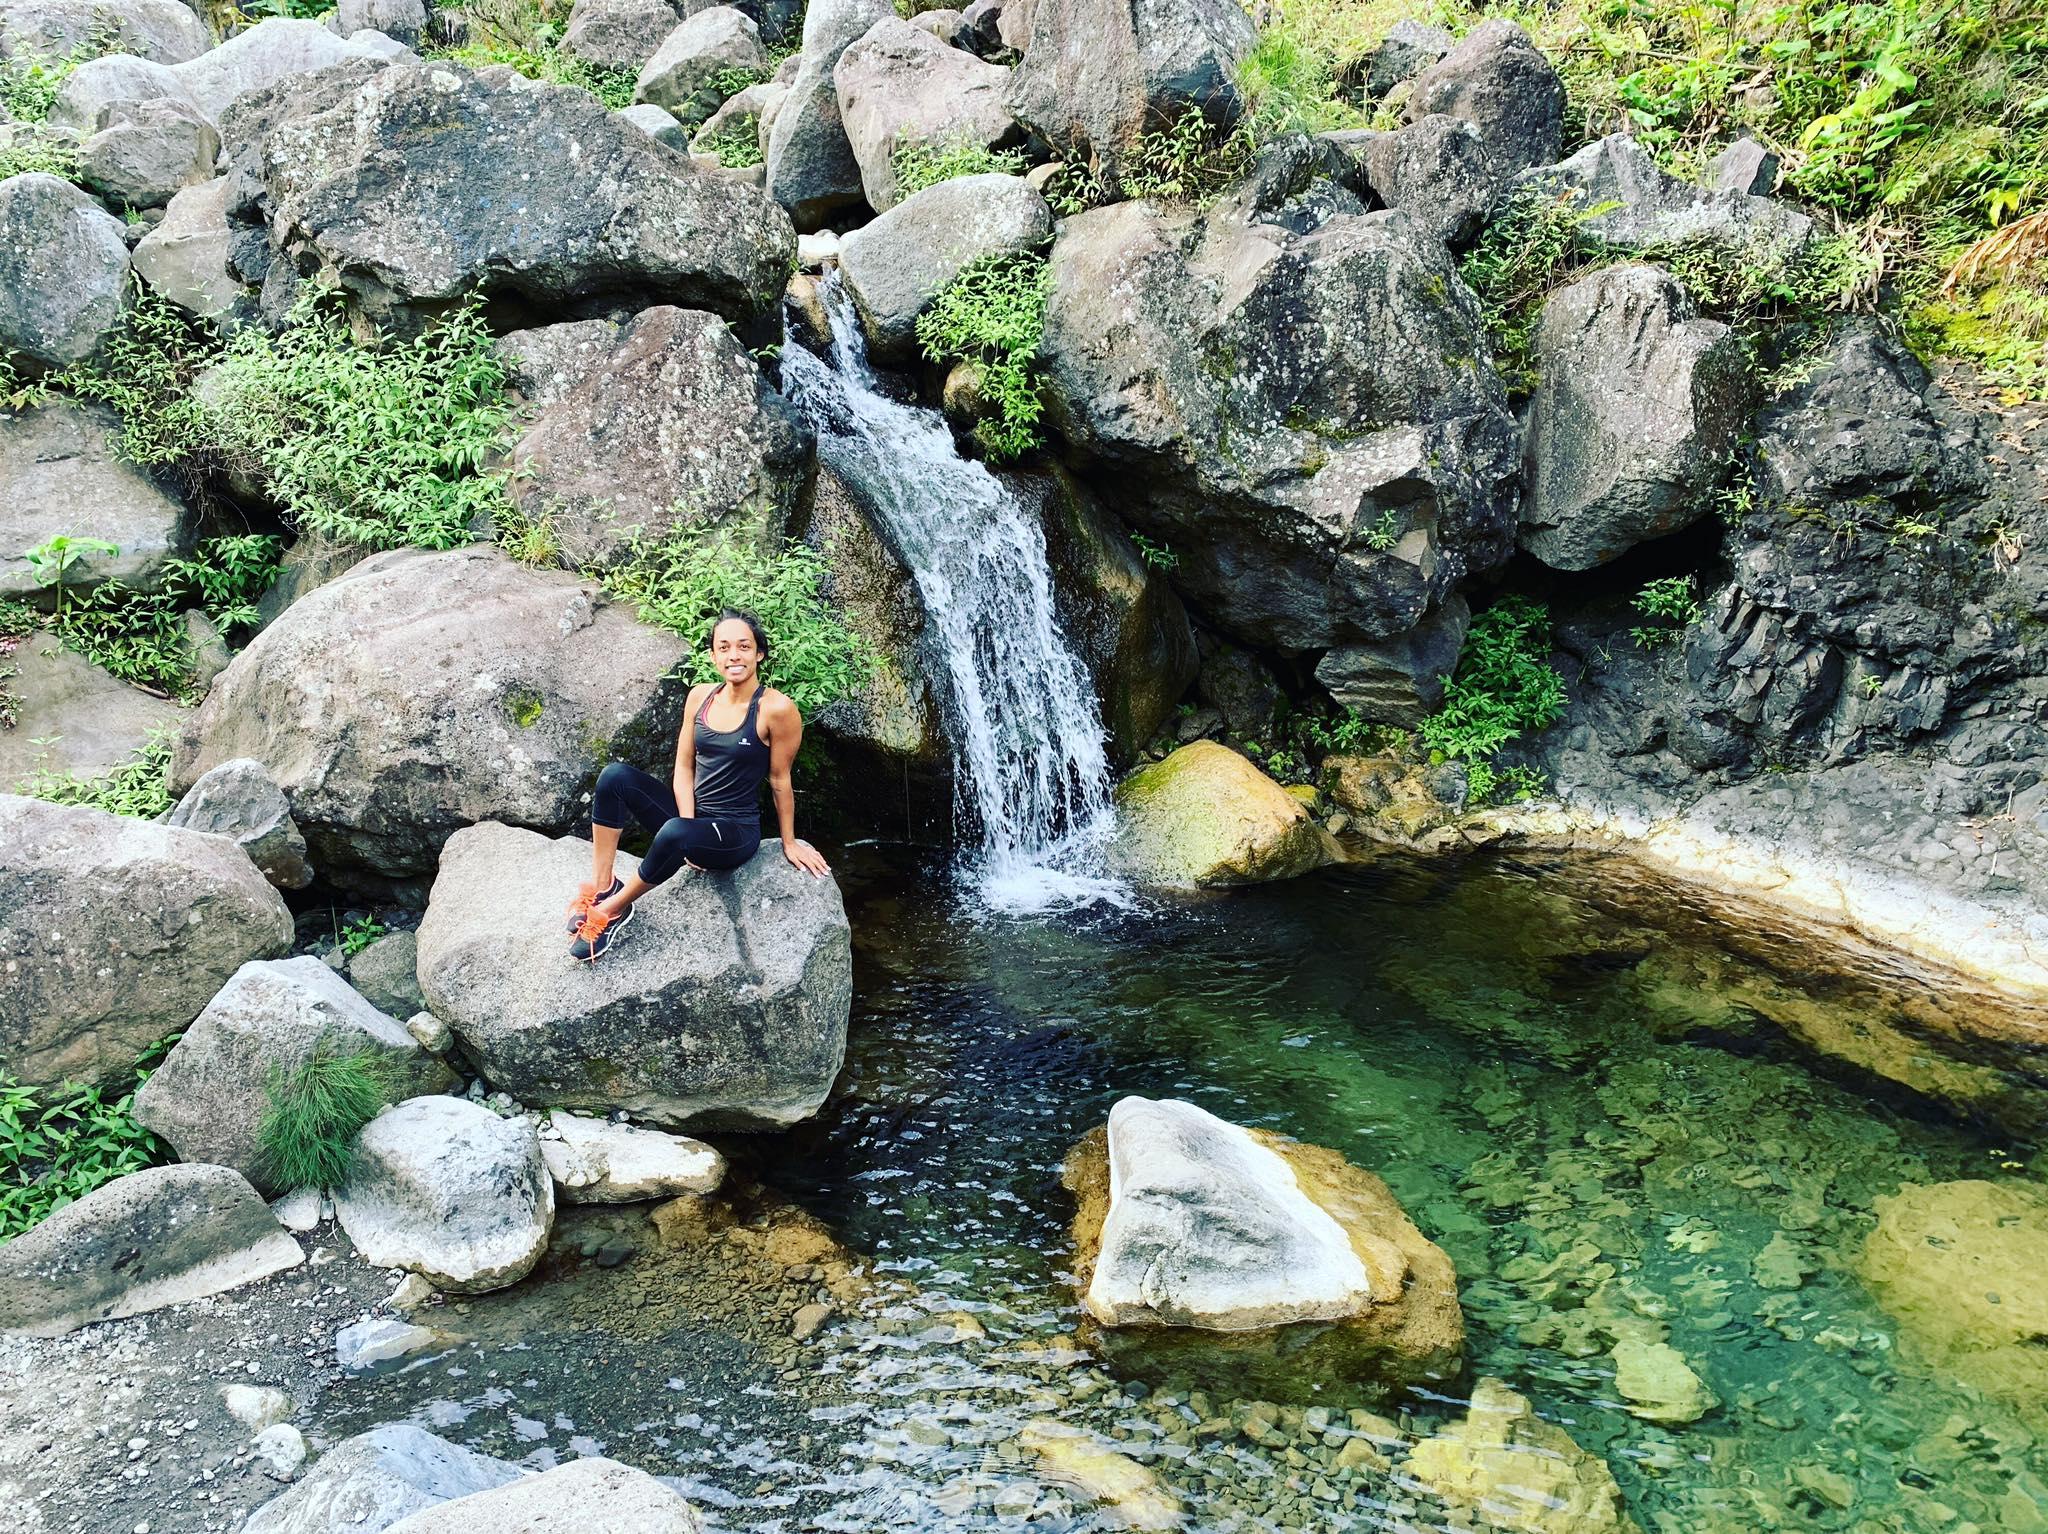 Bassin Bleu à Cilaos : randonnée facile à La Réunion